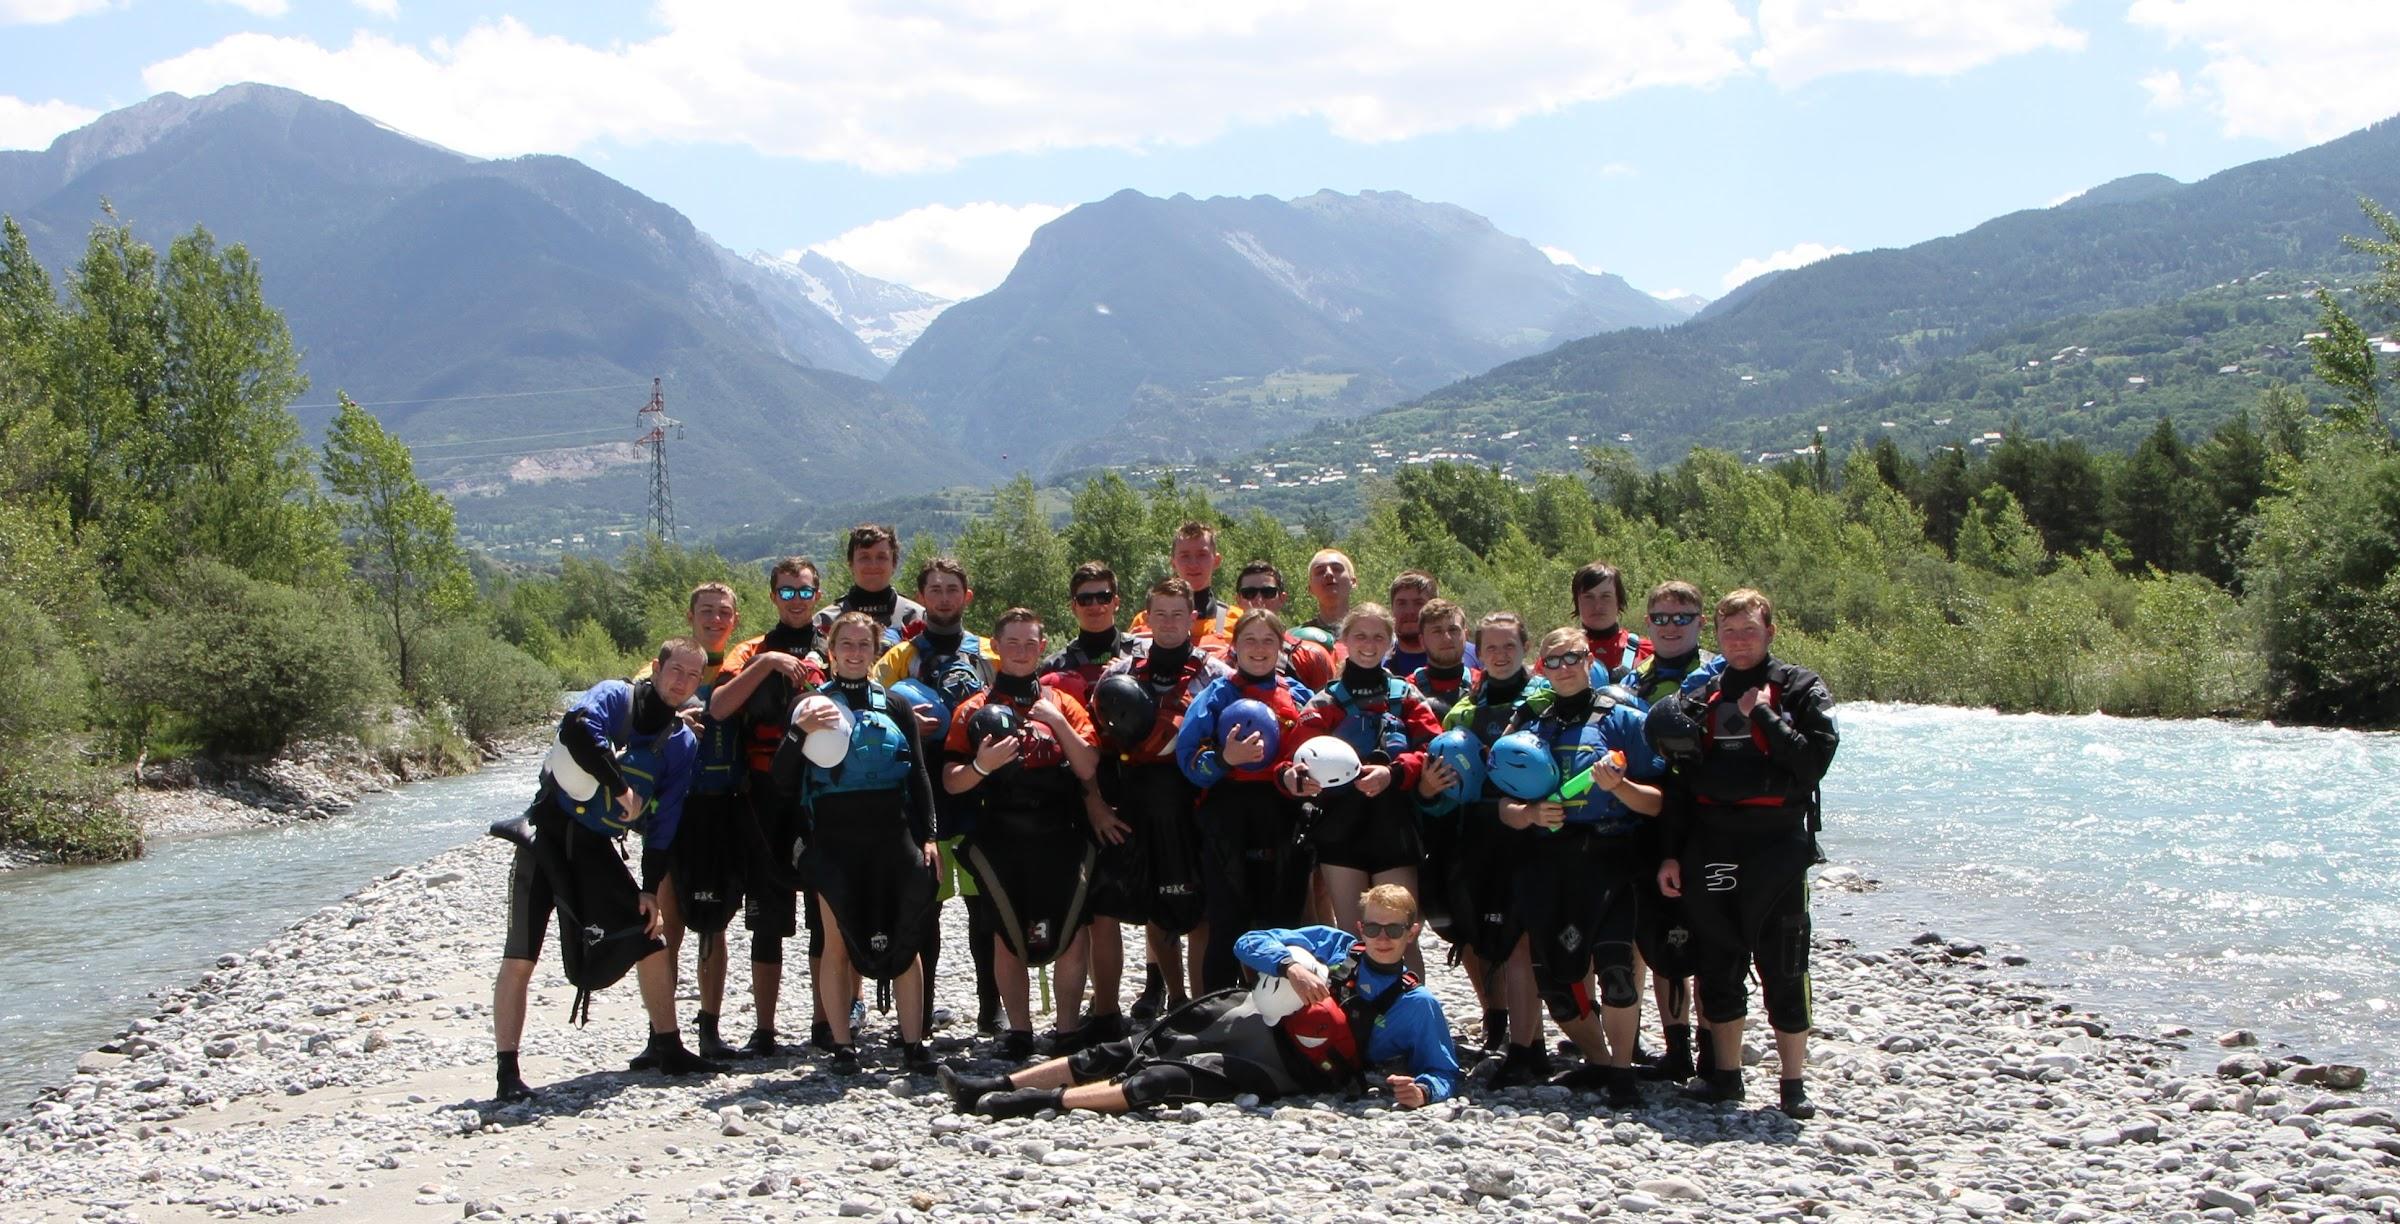 Alps 2019